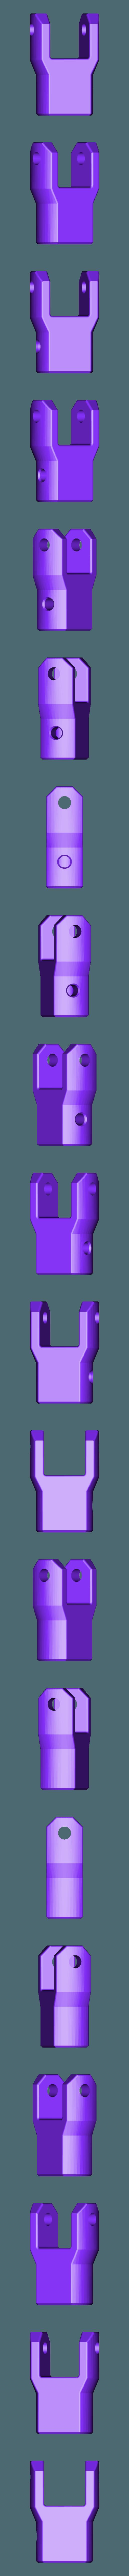 Truck_V4_Ujointshaft_MotorUjoint.STL Download STL file 3D Printed Rc Truck V4 • 3D printable template, MrCrankyface